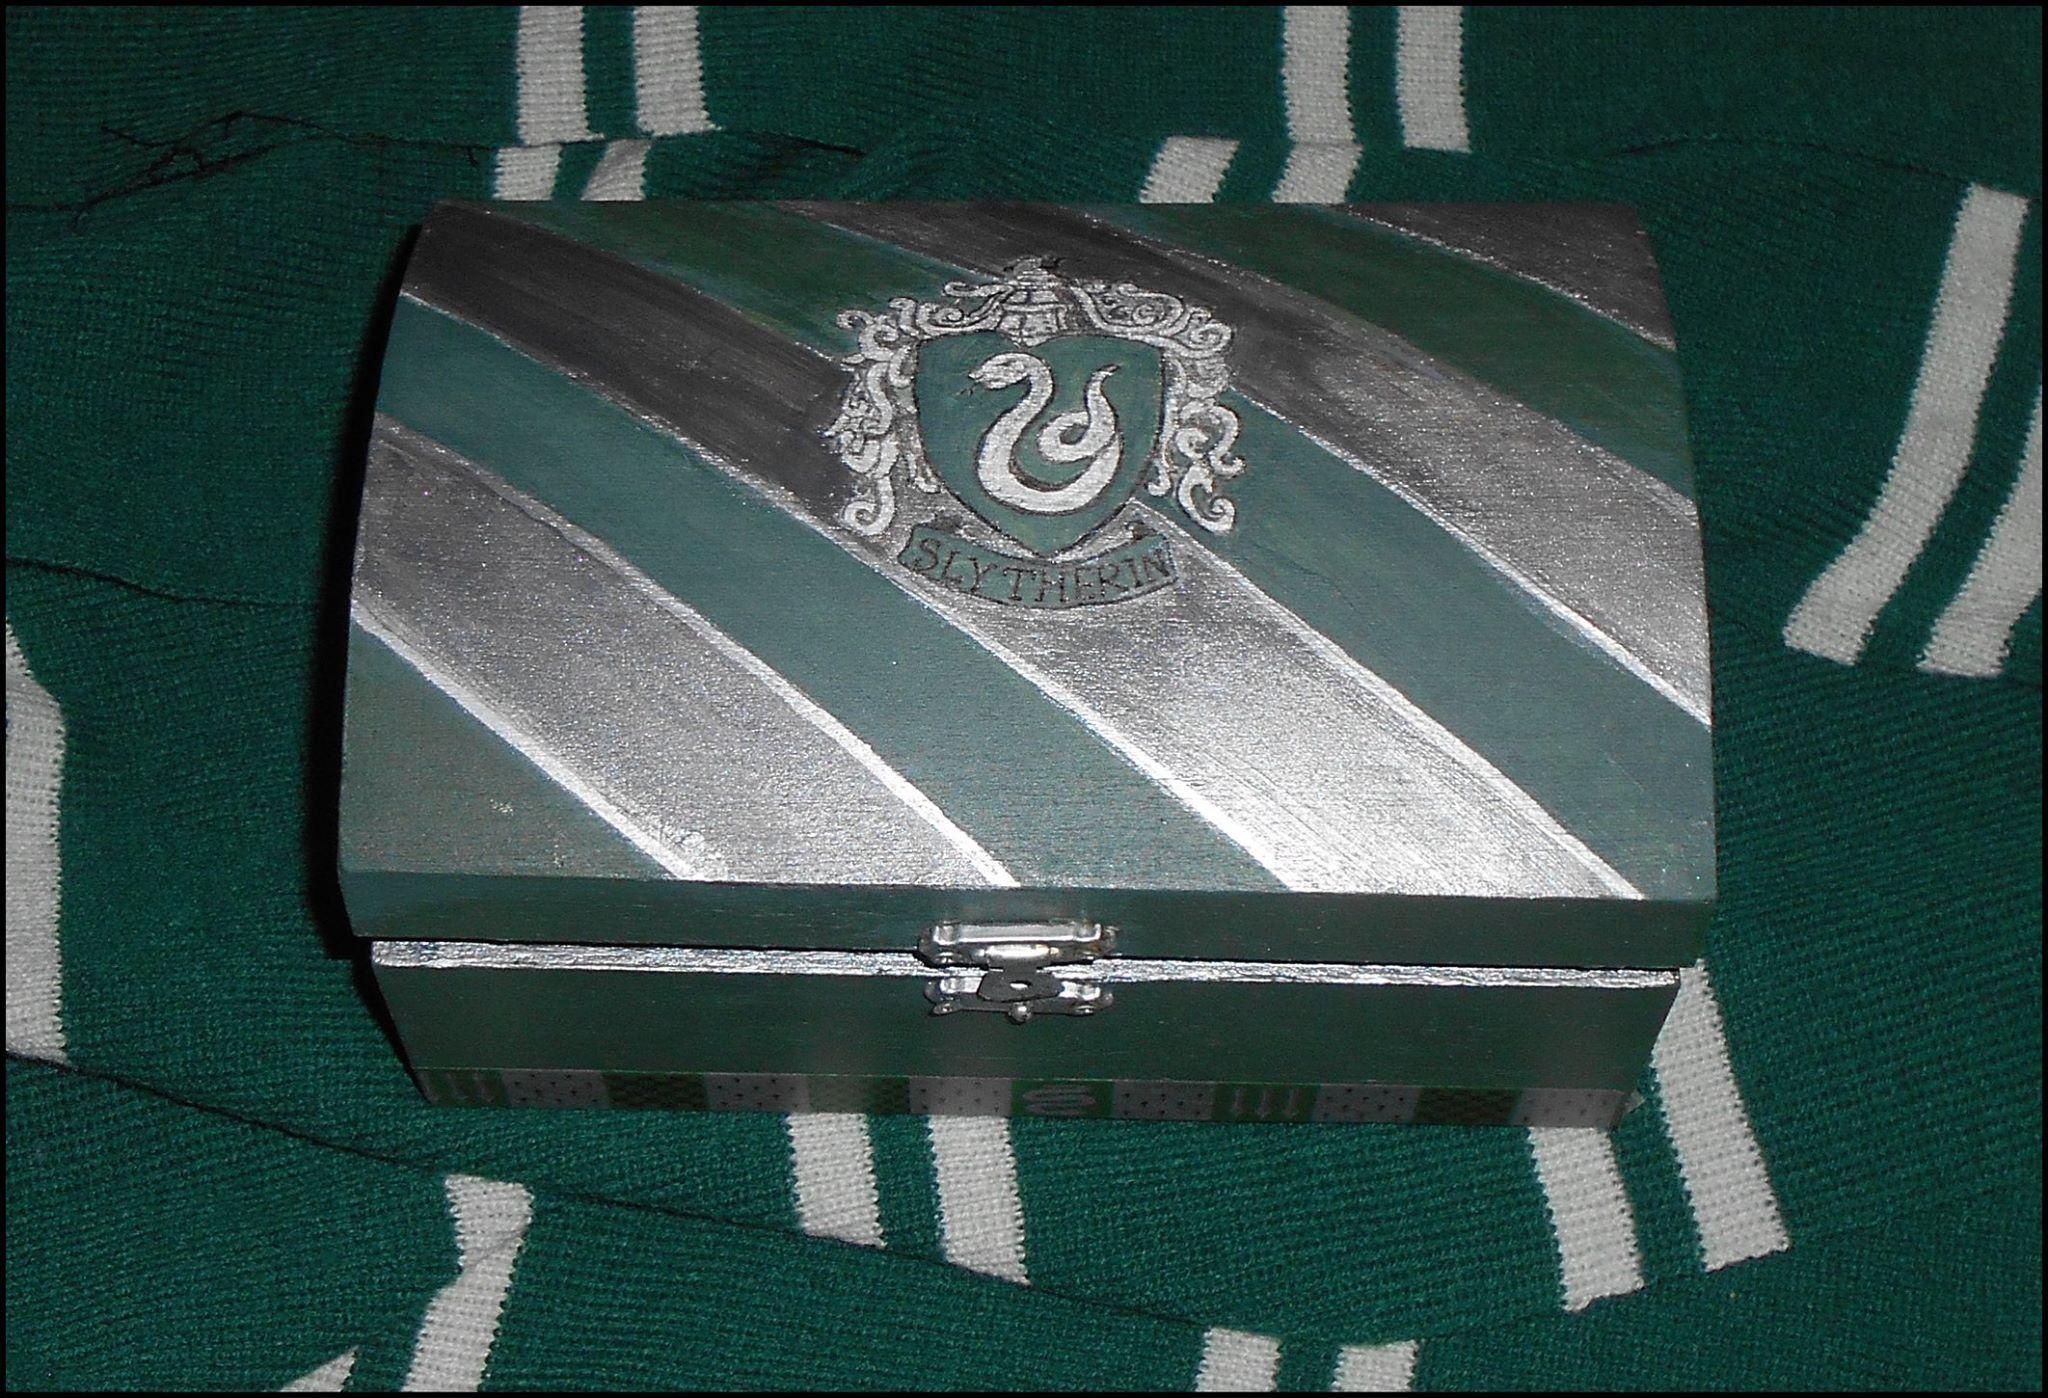 Boîte en bois peinte à l'acrylique aux couleurs de Slytherin (Serpentard). Avec le blason en vert et argent. En ventes sur E-bay.